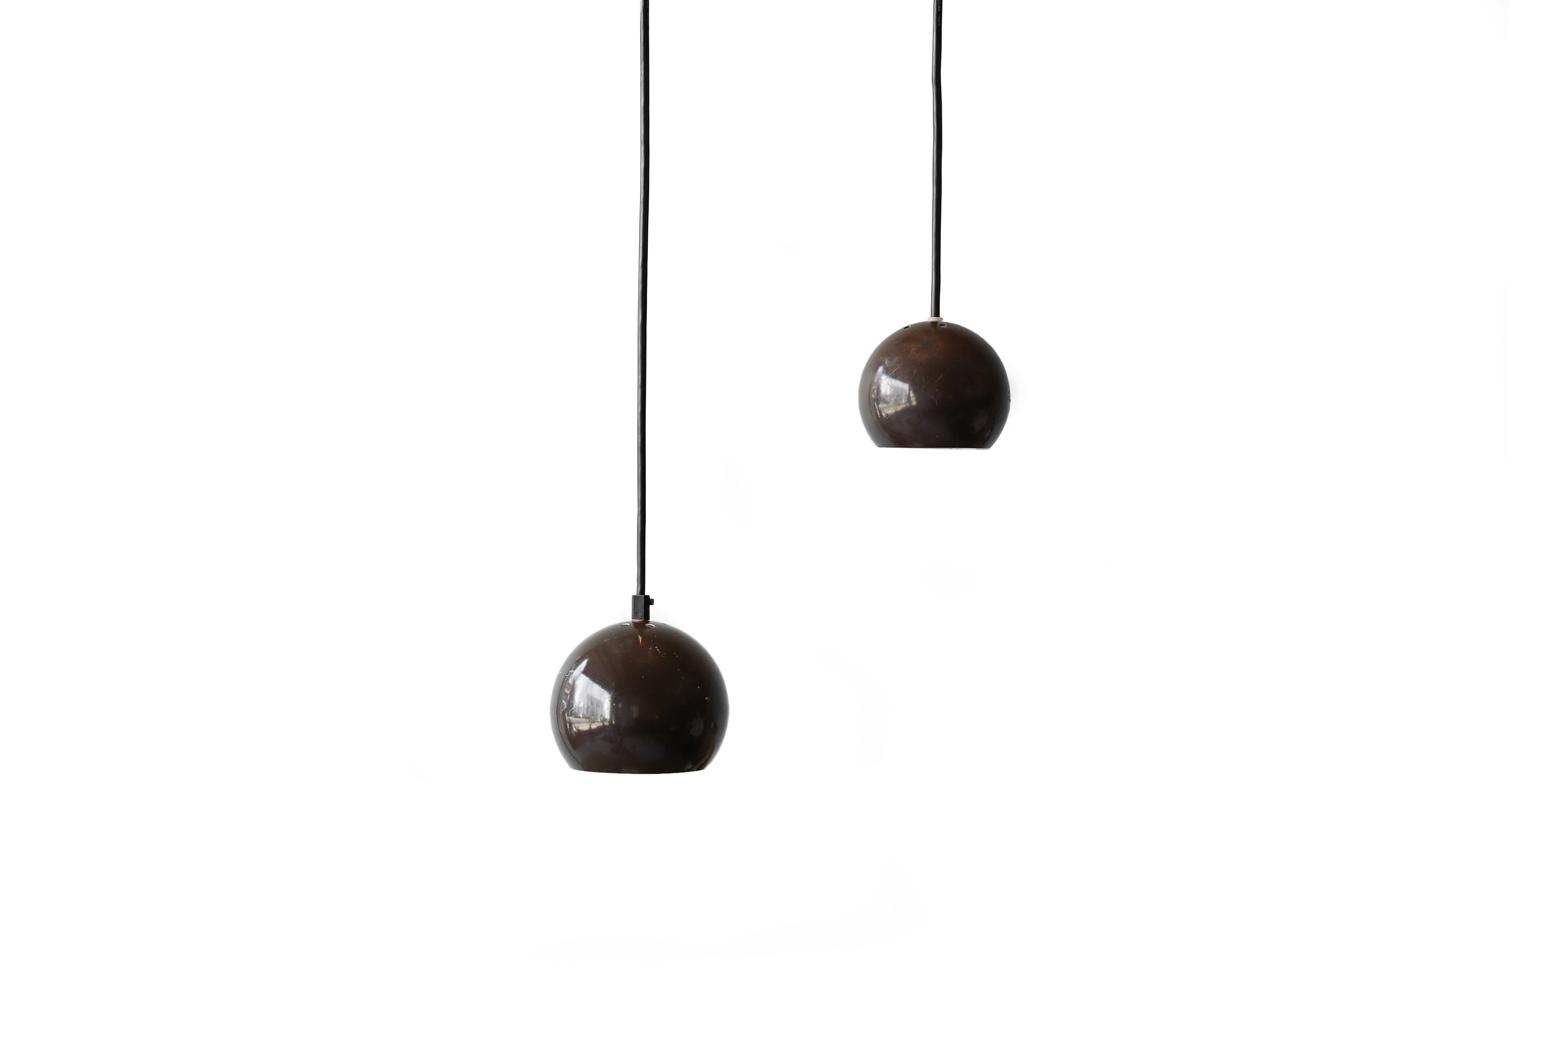 Danish Vintage E.S. Horn Ball Pendant Light/デンマーク ヴィンテージ ボール ペンダントライト 照明 ランプ ミッドセンチュリー 北欧インテリア